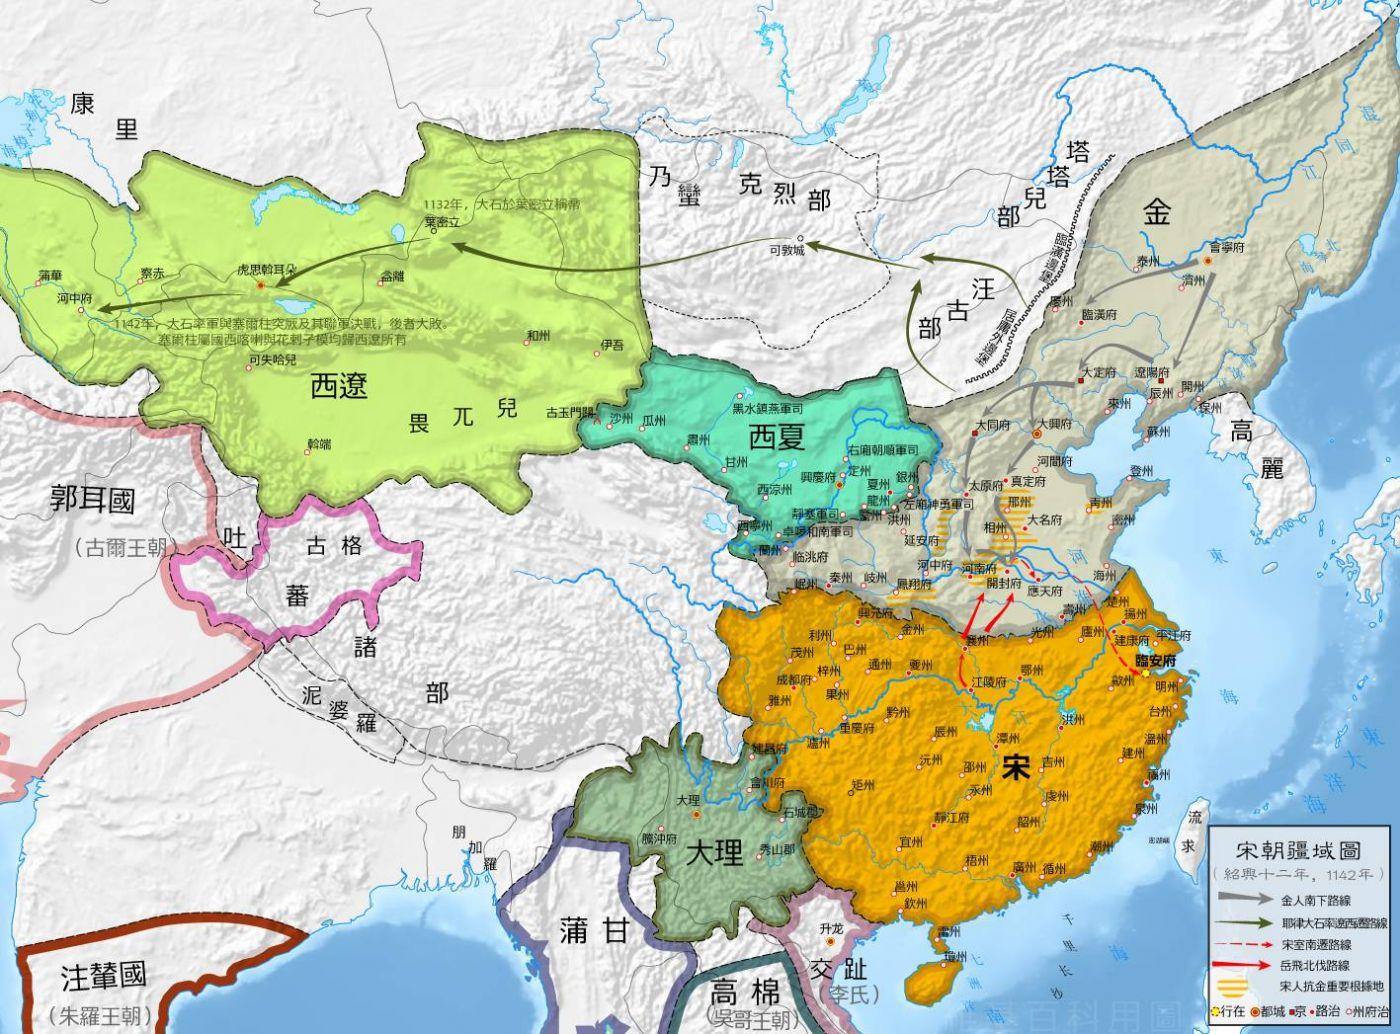 中国古代的辽国和金国,是现在的什么地方?说出来你都不相信 ..._图1-3